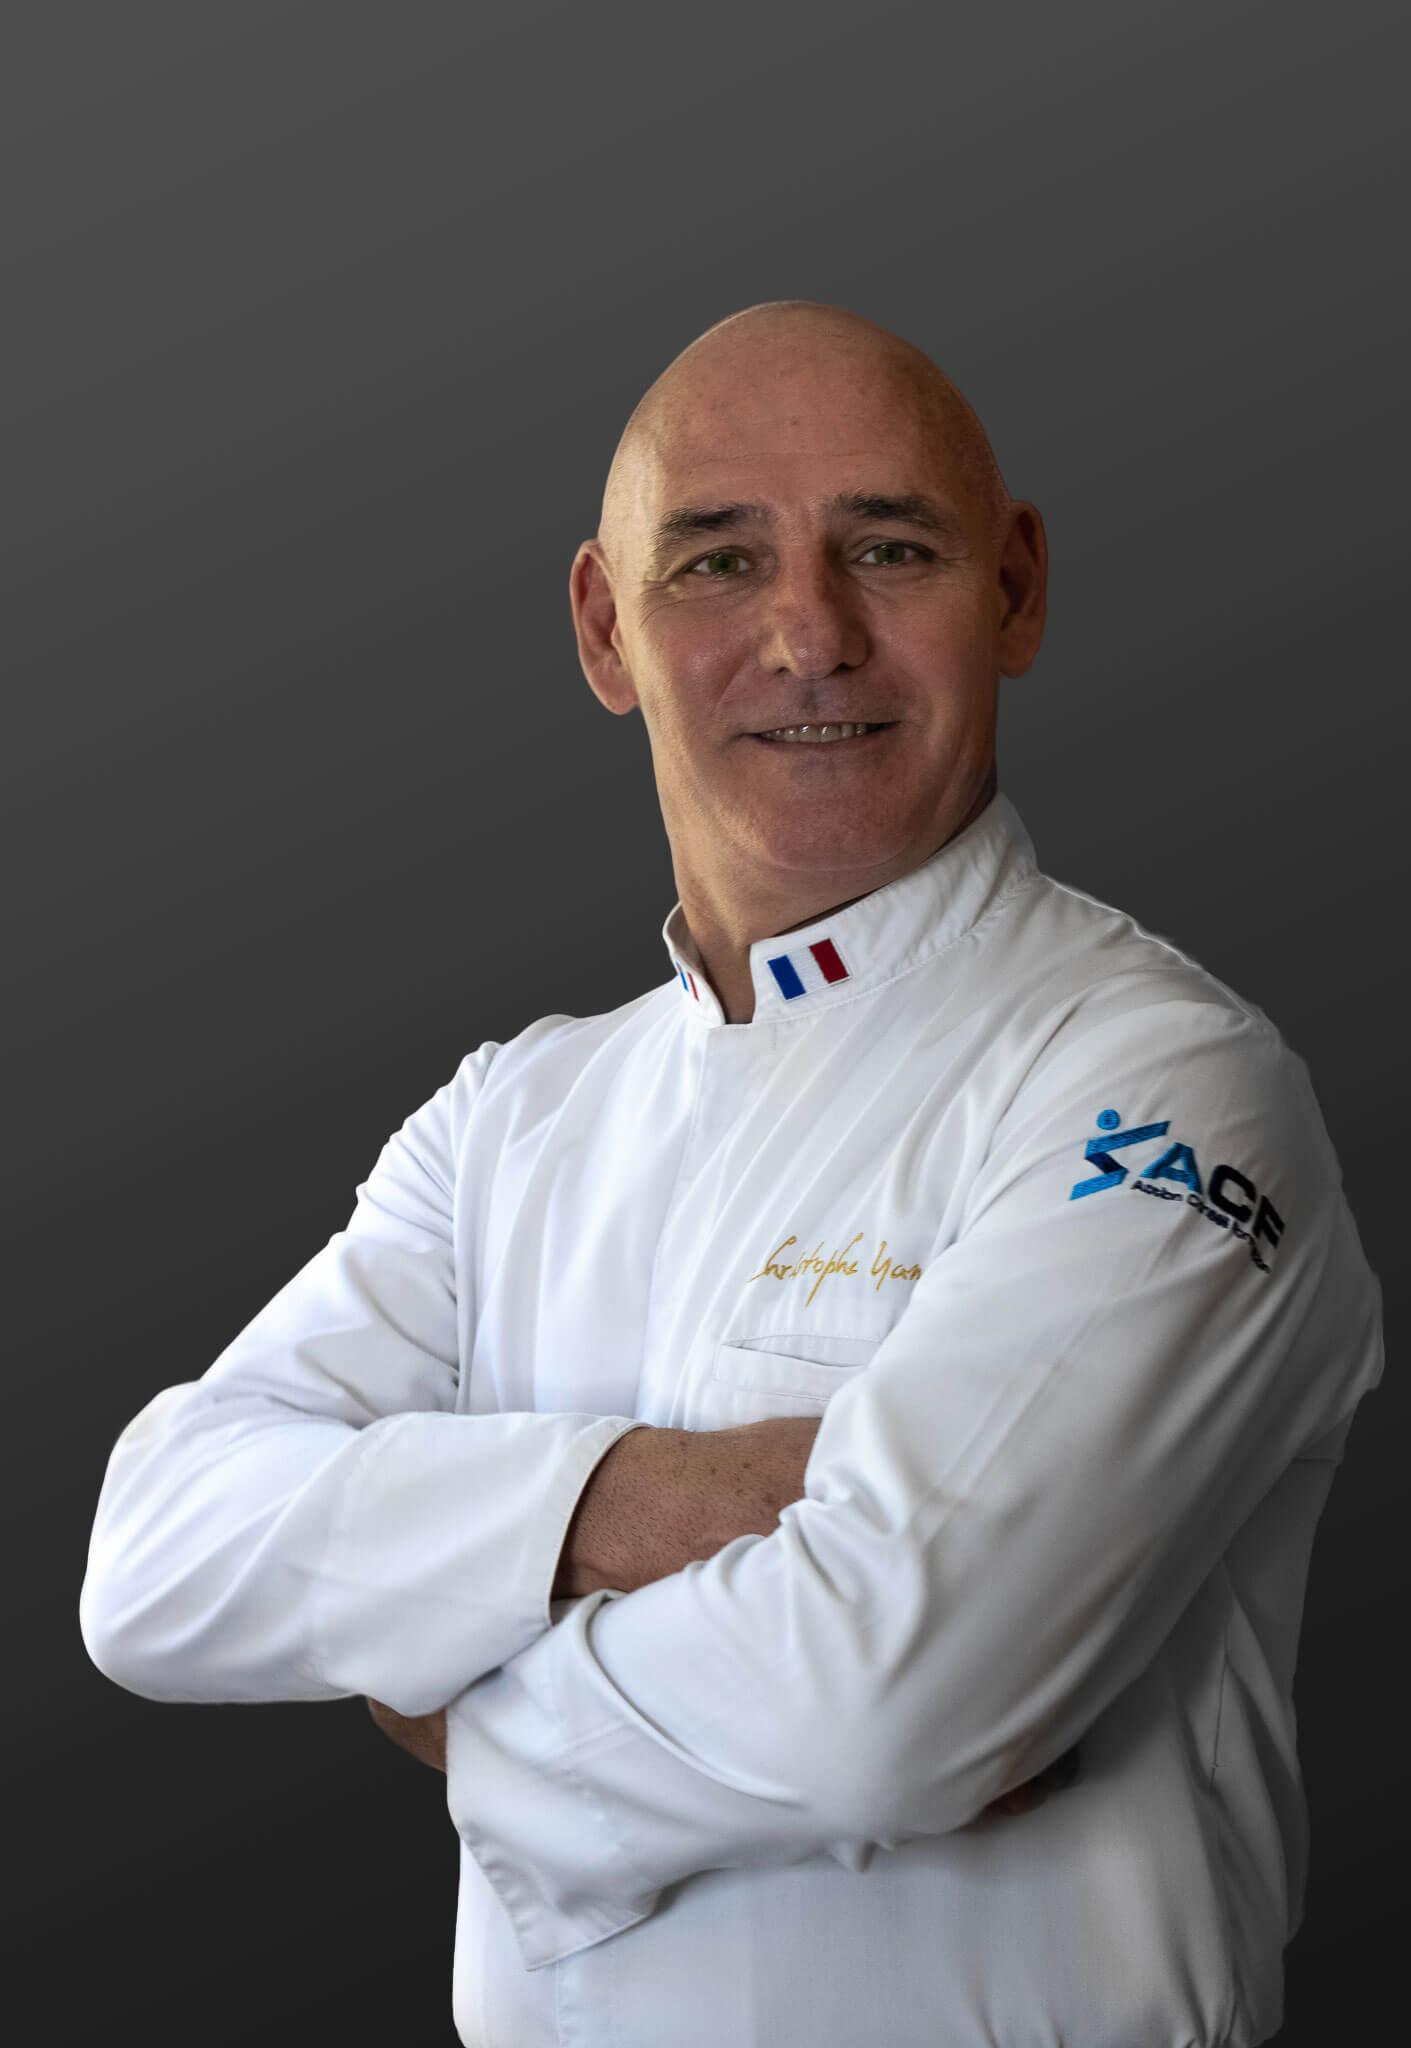 Directeur d'Action Conseil FormationExpert Conseil Formation de l'Organisation Mondiale de la Gastronomie